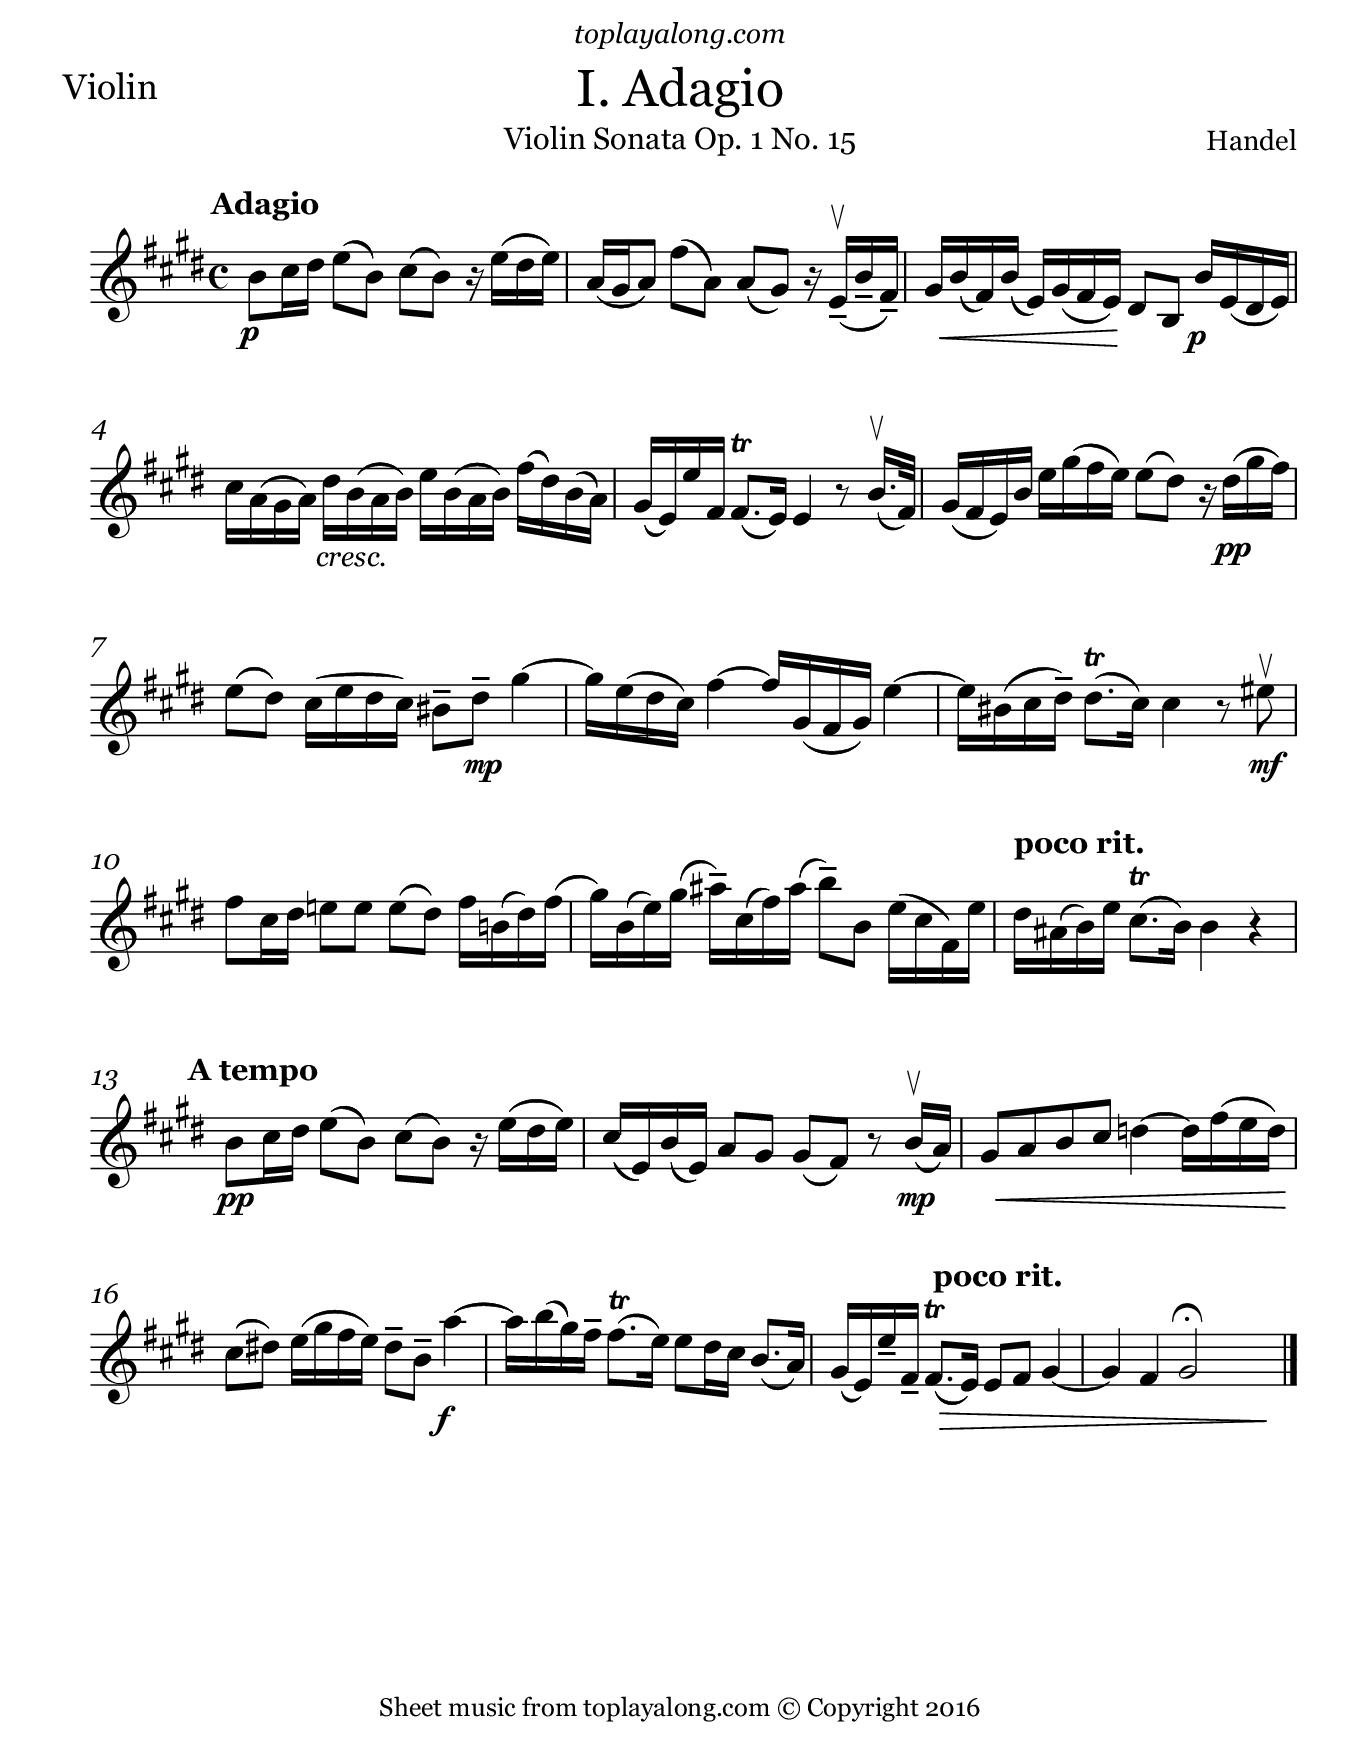 Violin Sonata Op. 1 No. 15 (I. Adagio) by Handel. Sheet music for Violin, page 1.